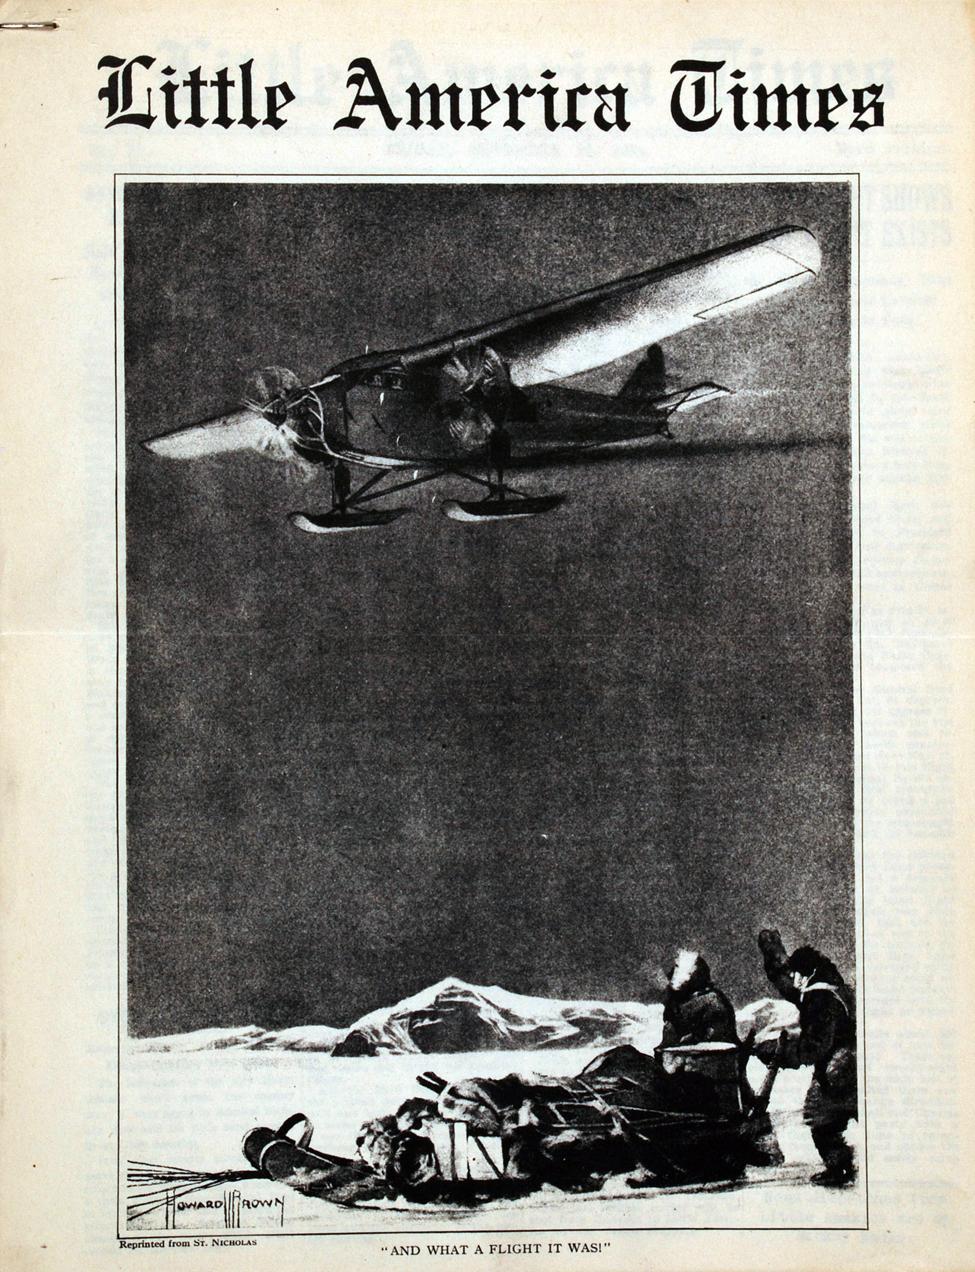 <i>Little America Times</i>. New York: August Horowitz, 30 November 1934.